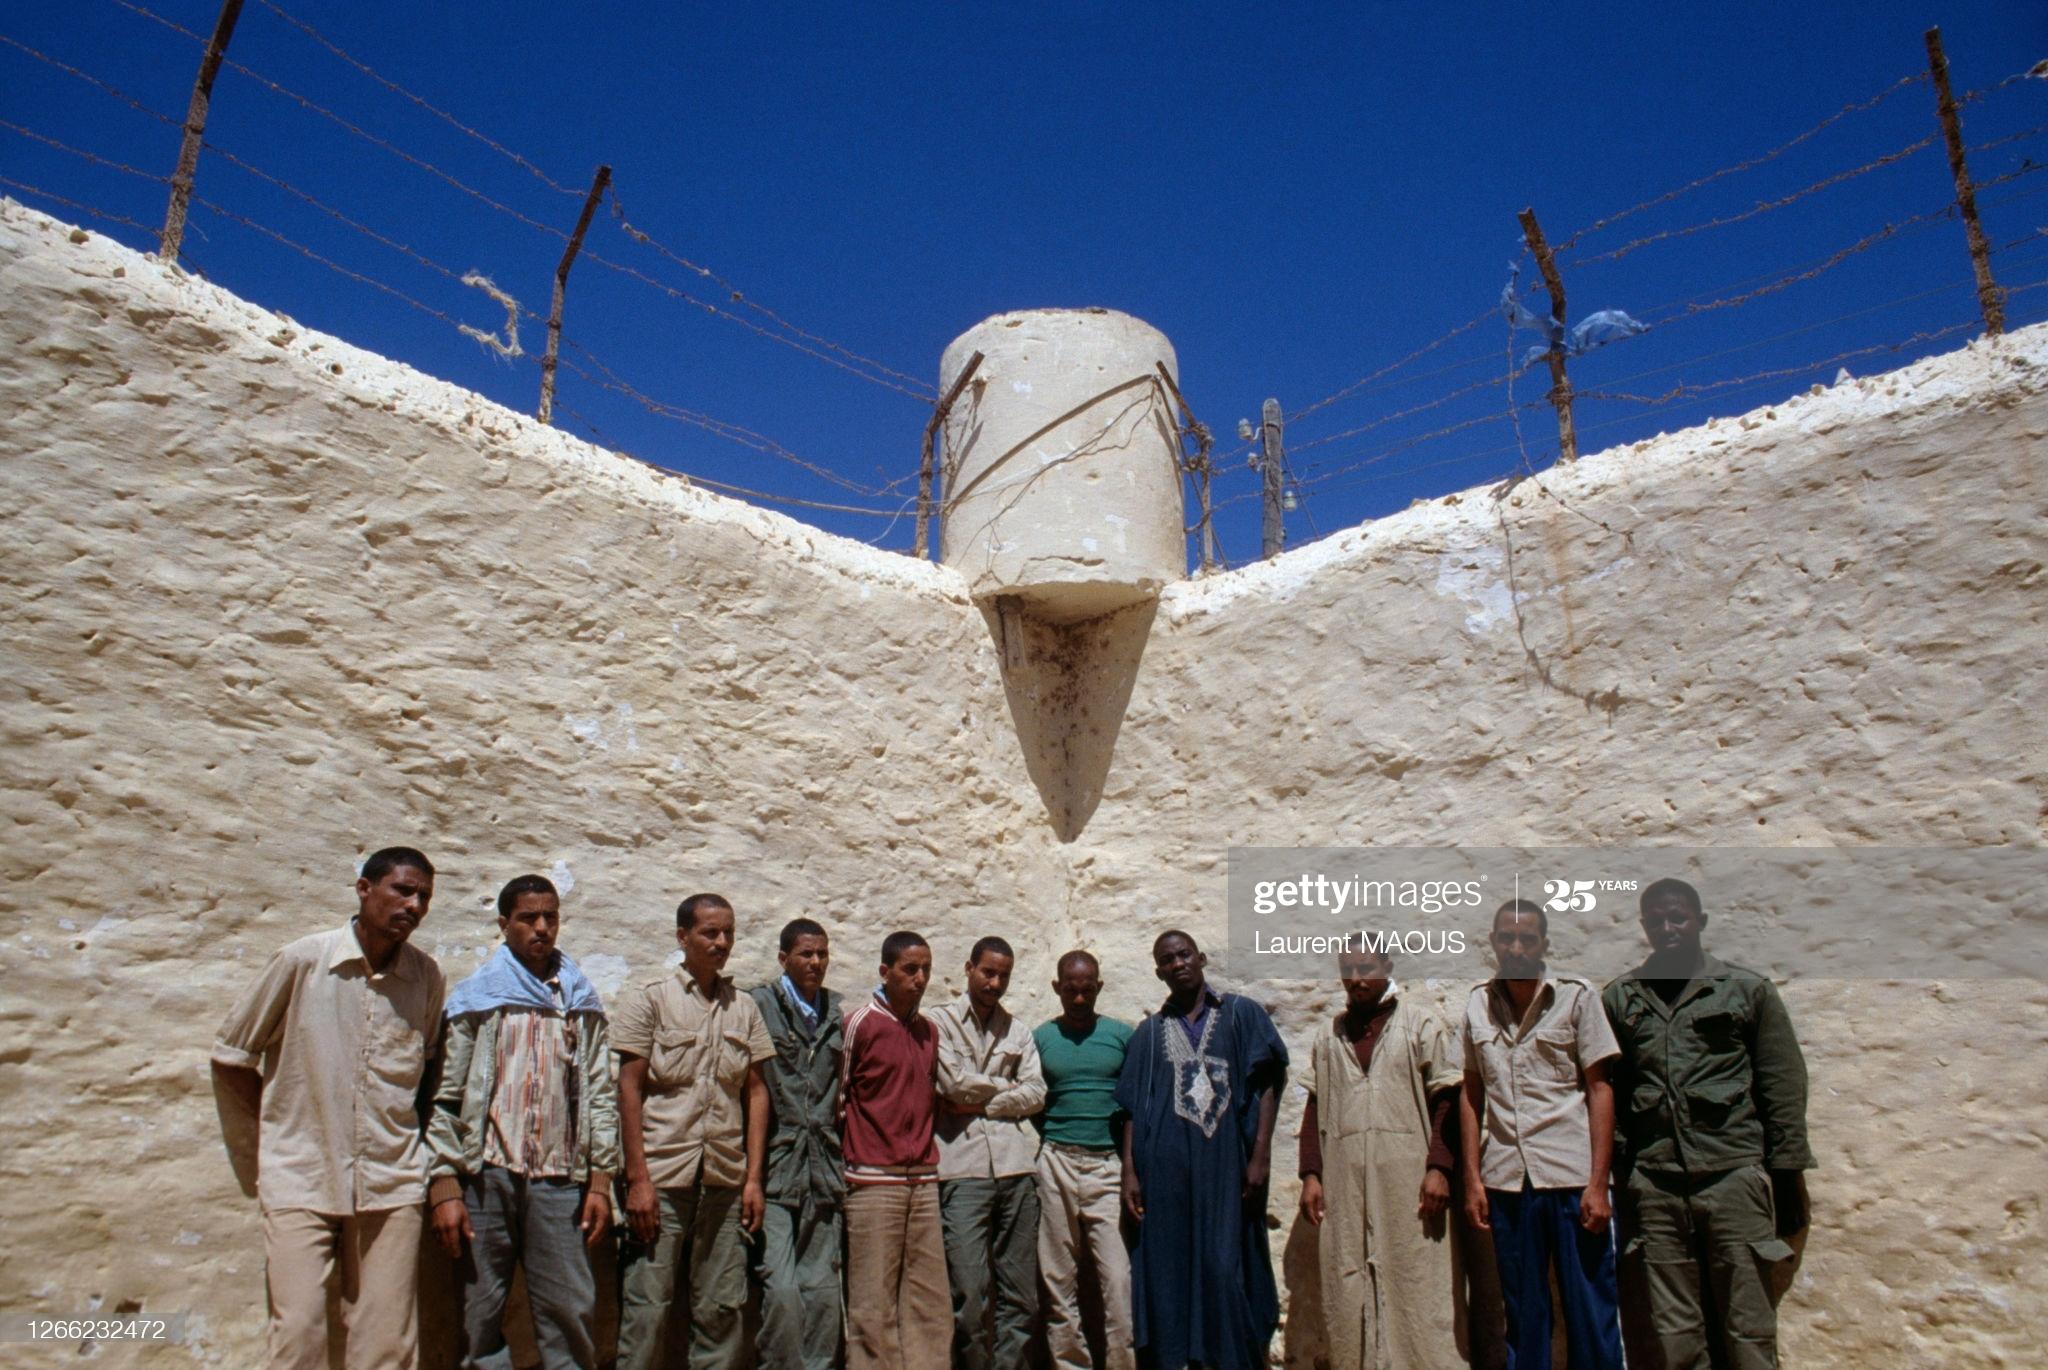 Le conflit armé du sahara marocain - Page 13 50316531308_d2b7f6569b_o_d